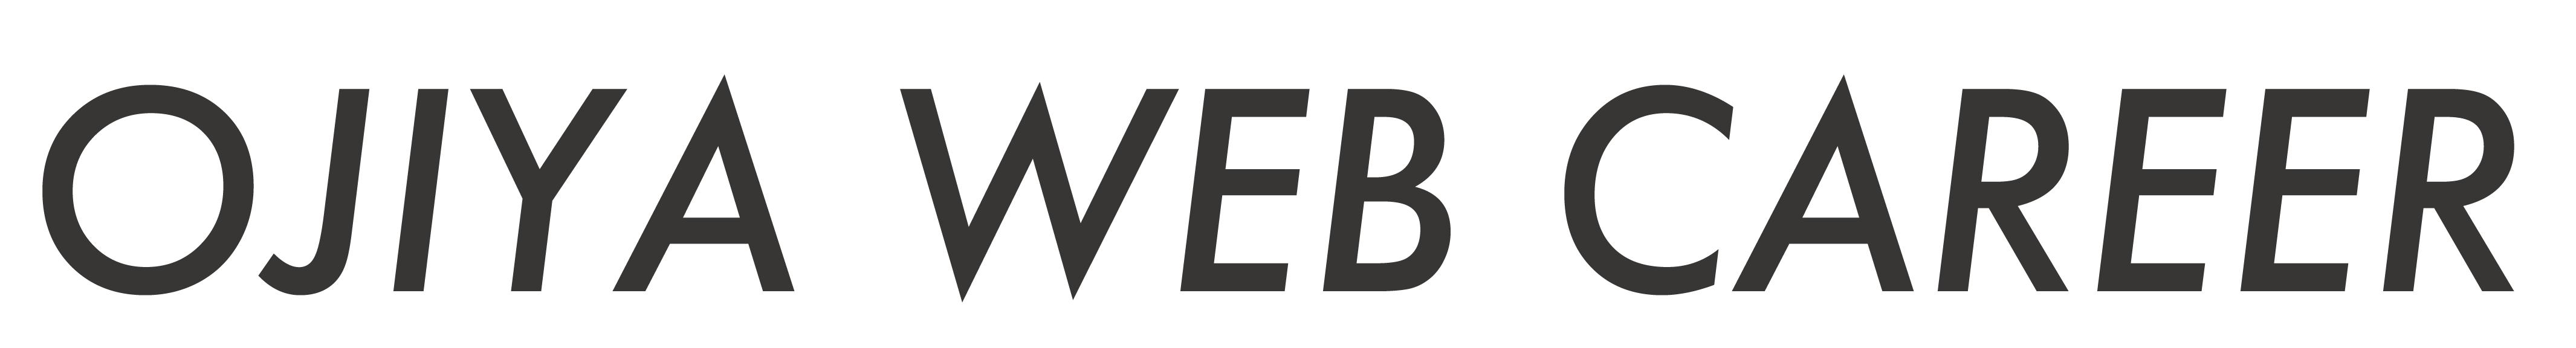 OJIYA WEB CAREER